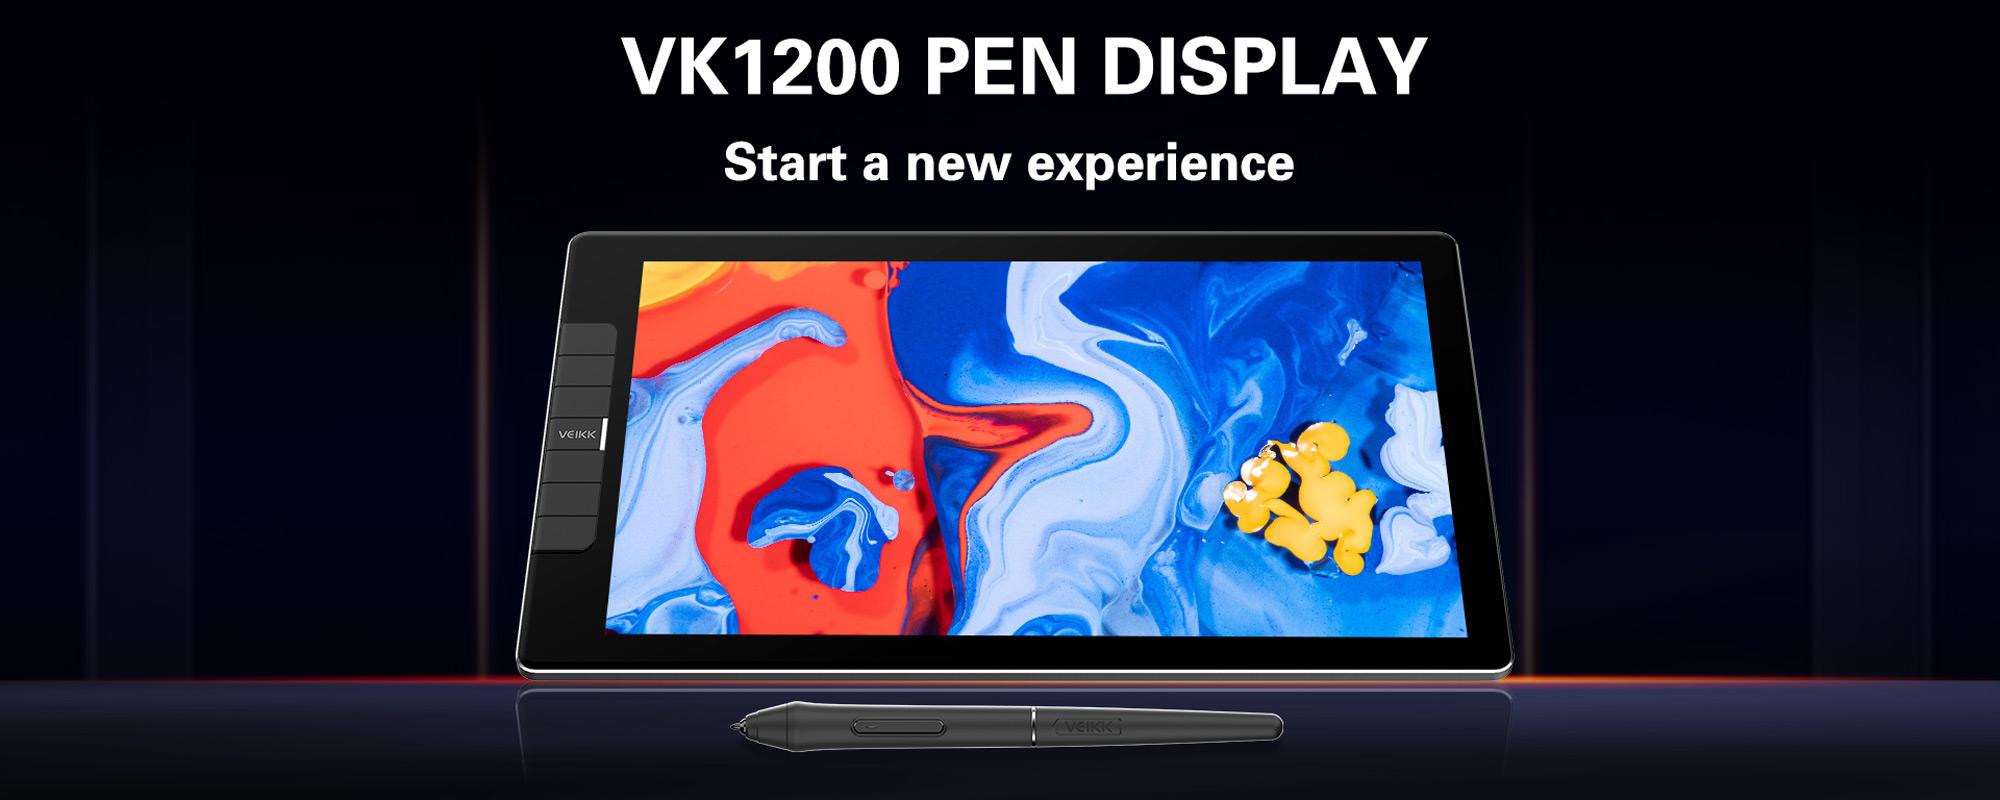 Recenzia: 11,6-palcový grafický displej Veikk VK1200